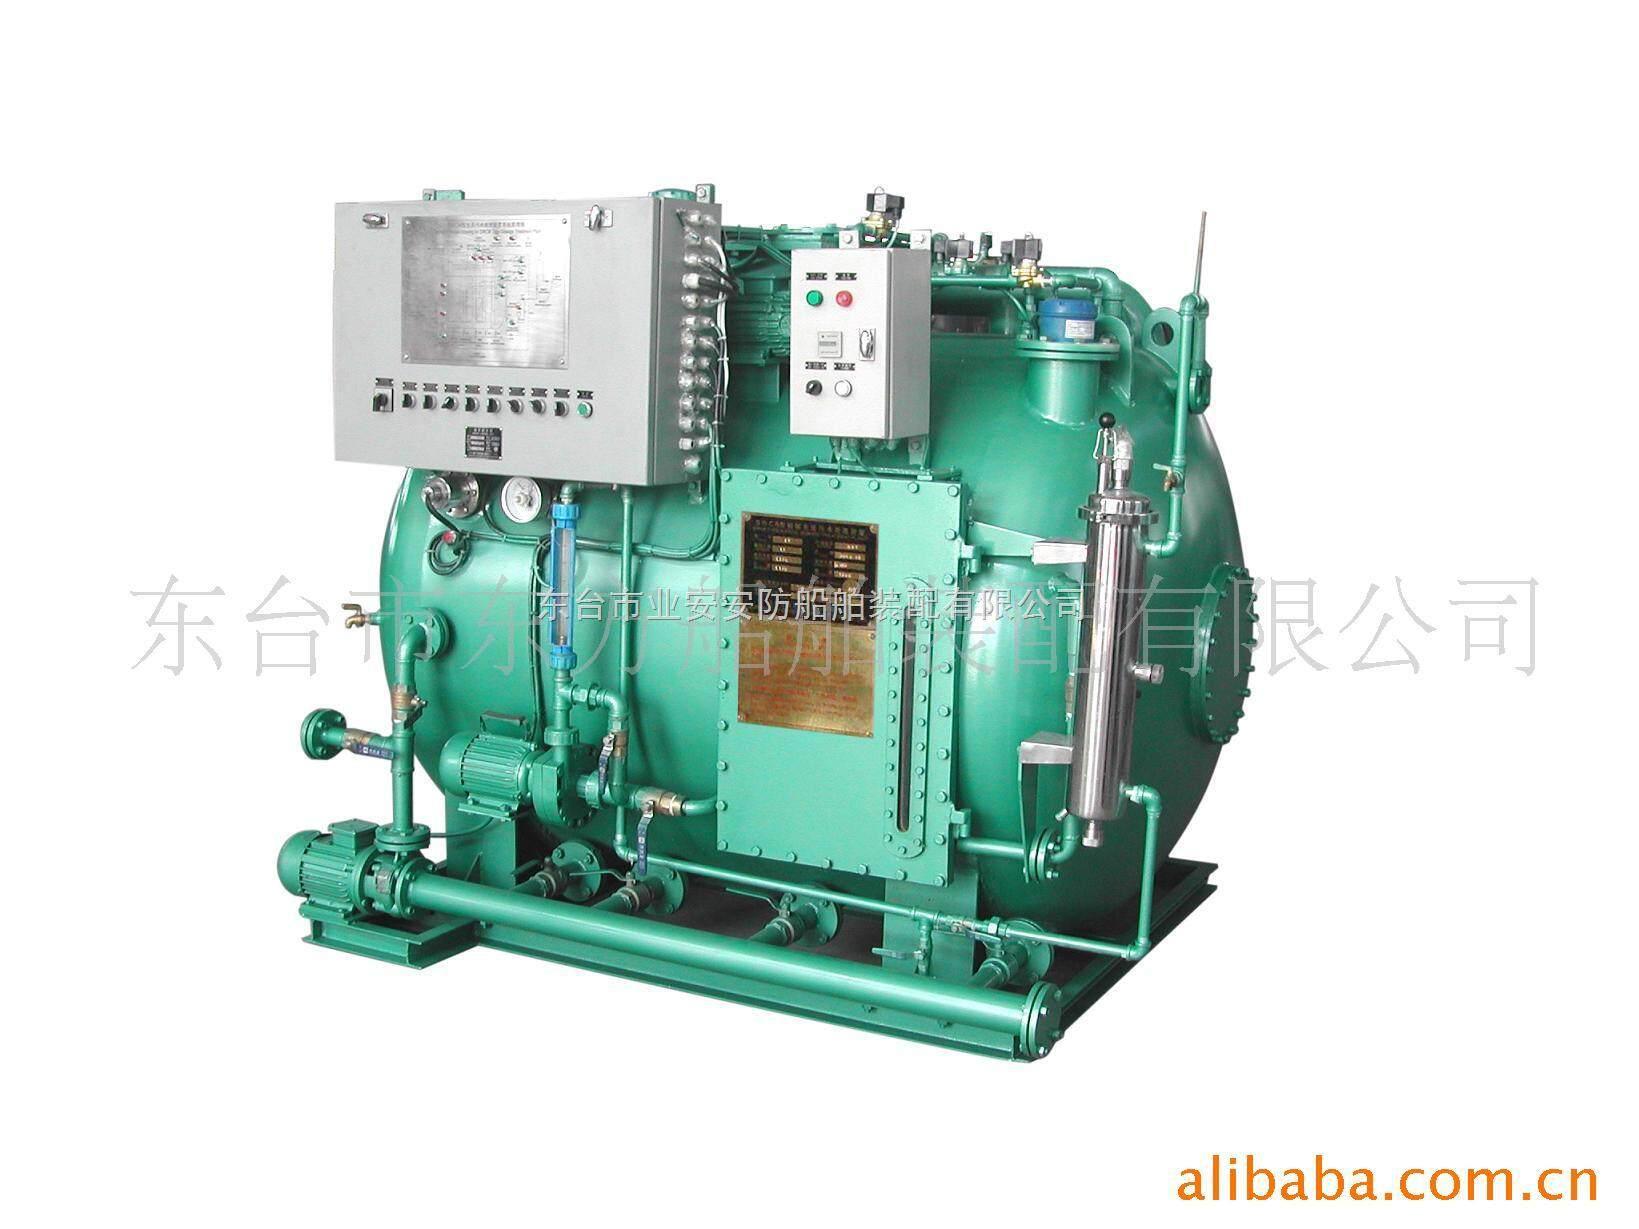 香港新型SWCM型膜法生活污水处理装置